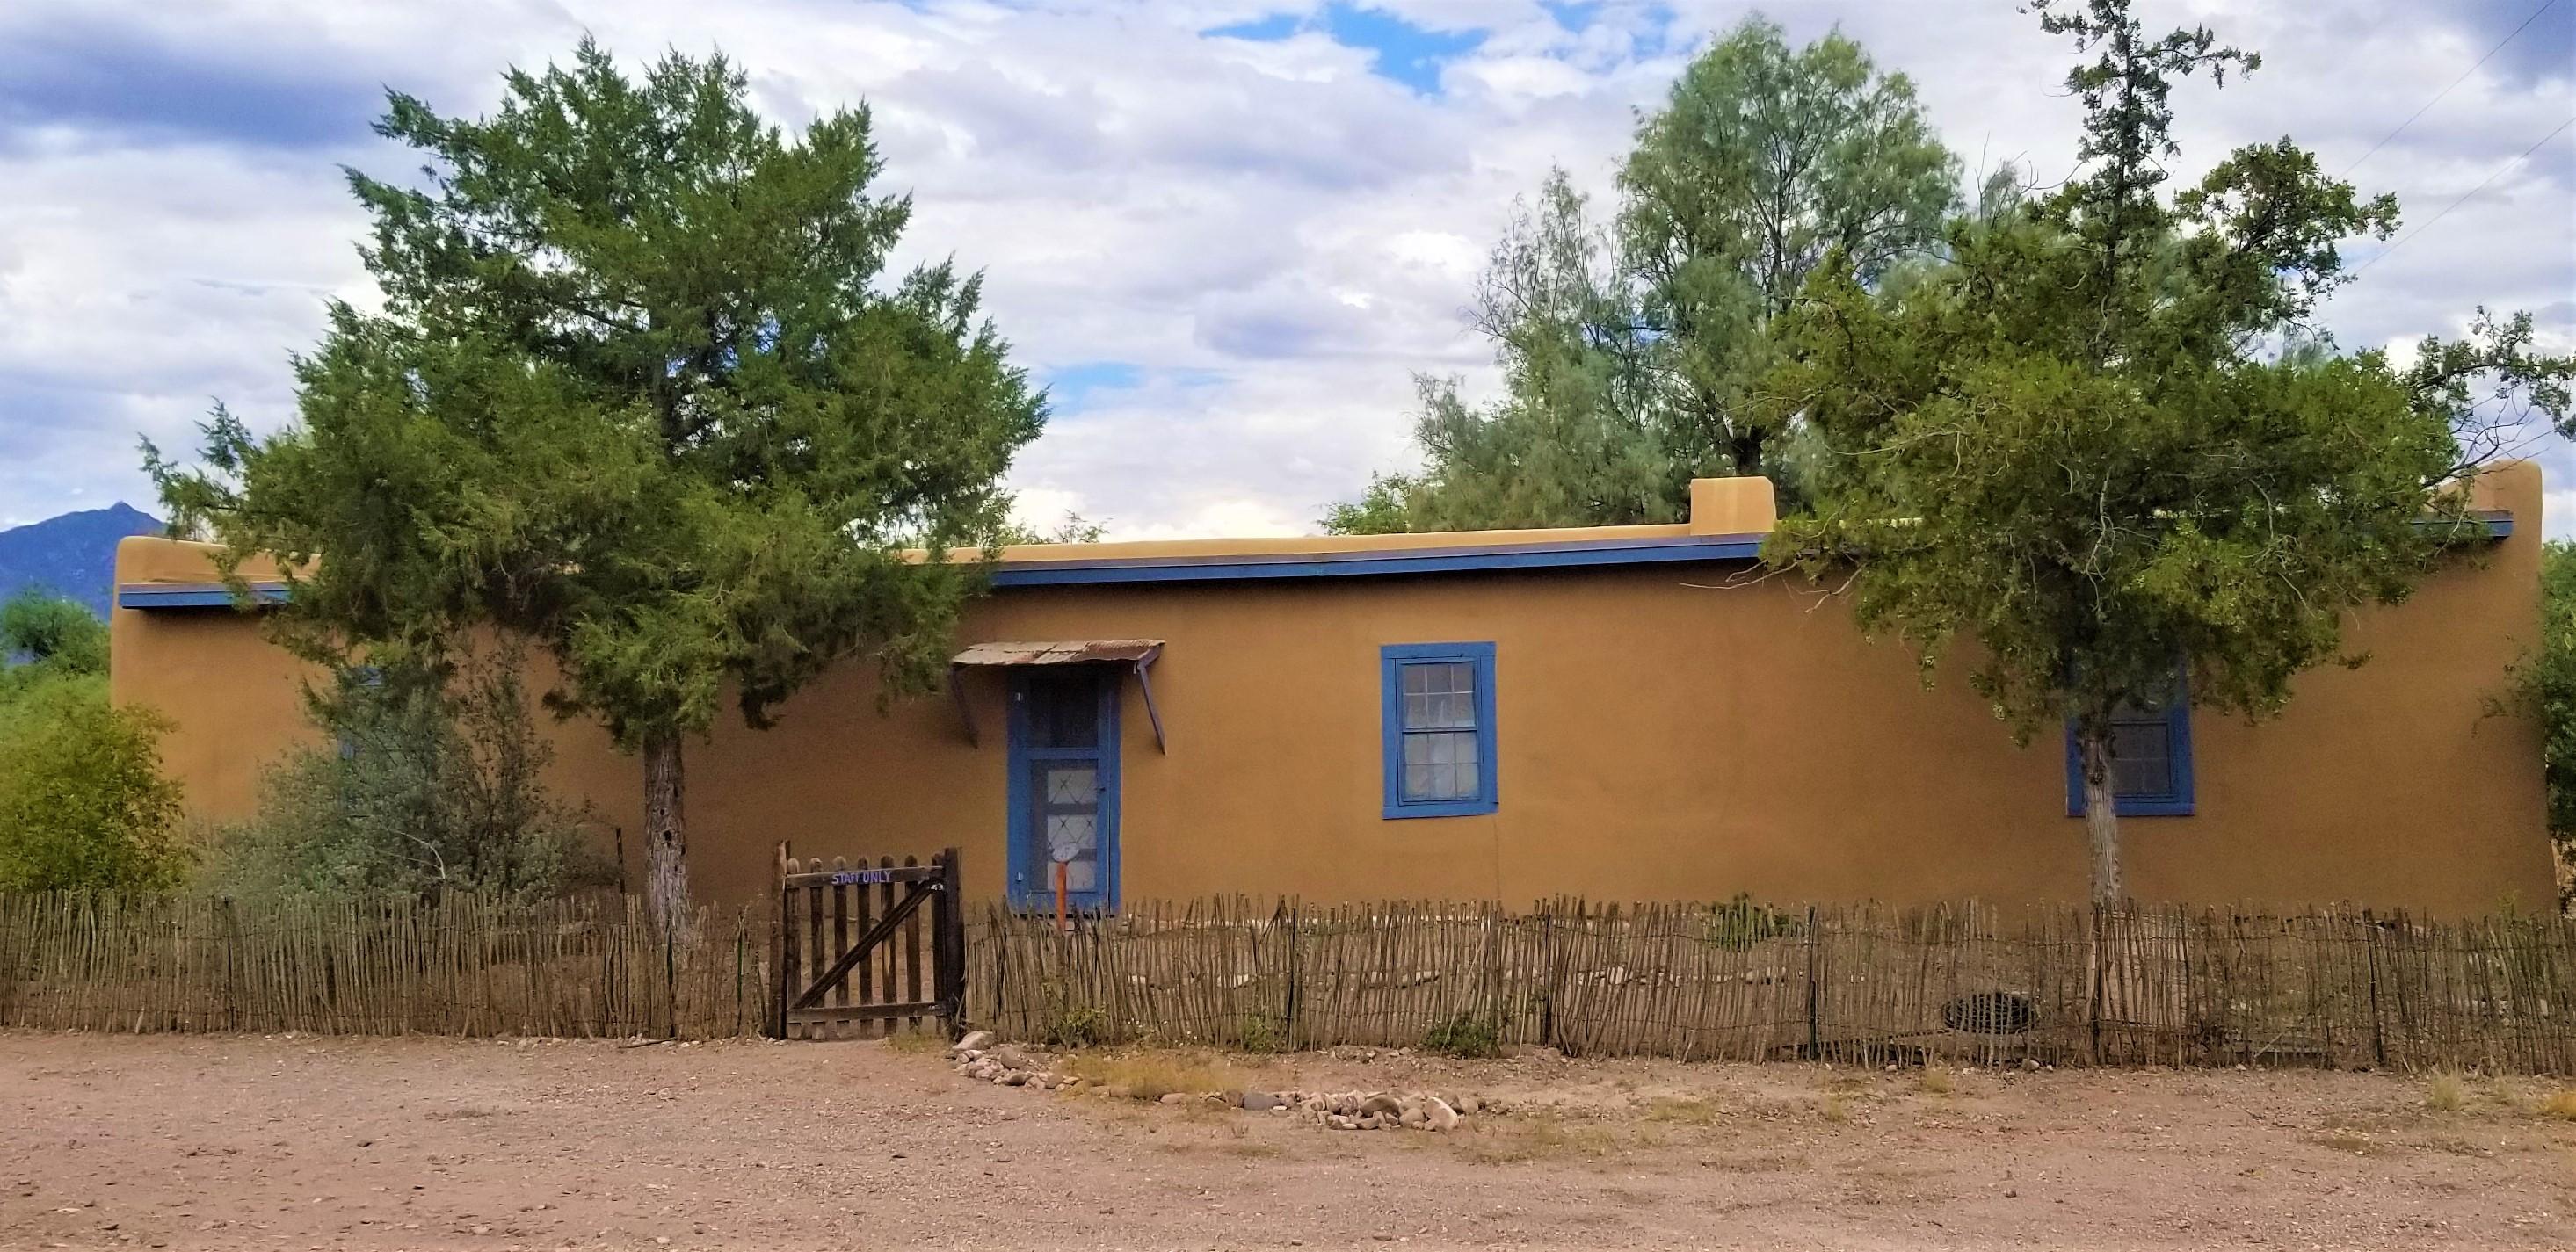 Rojas House